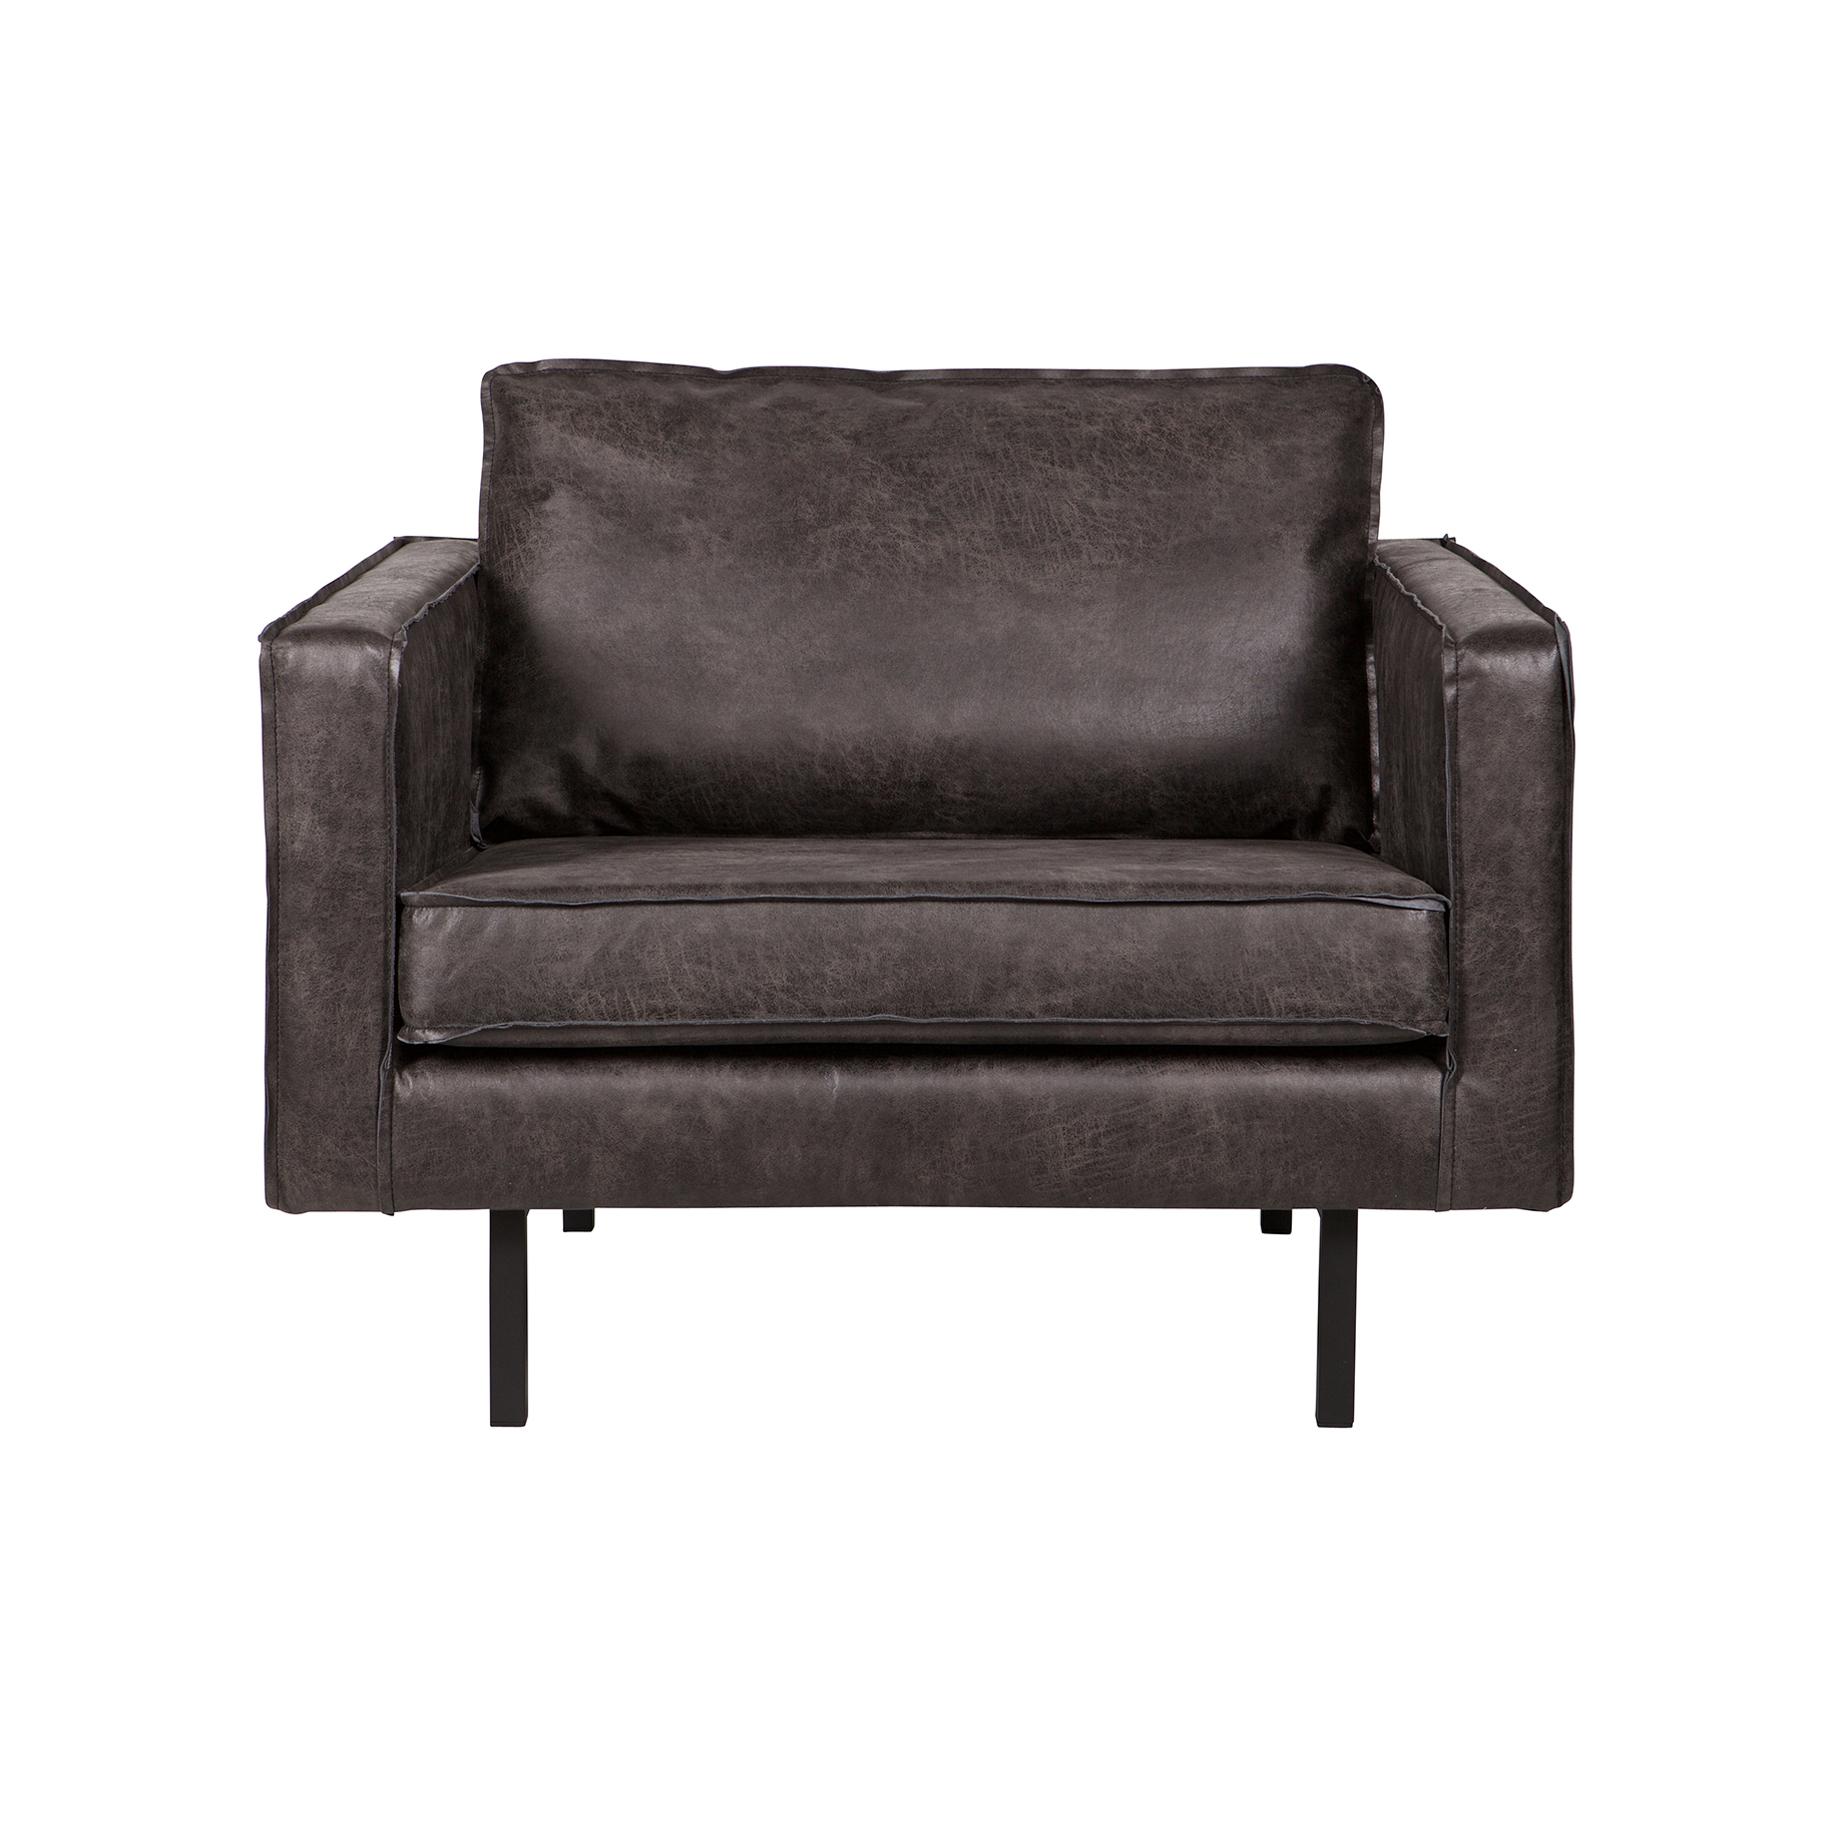 BePureHome Fauteuil 'Rodeo', kleur zwart Zitmeubelen | Fauteuils kopen